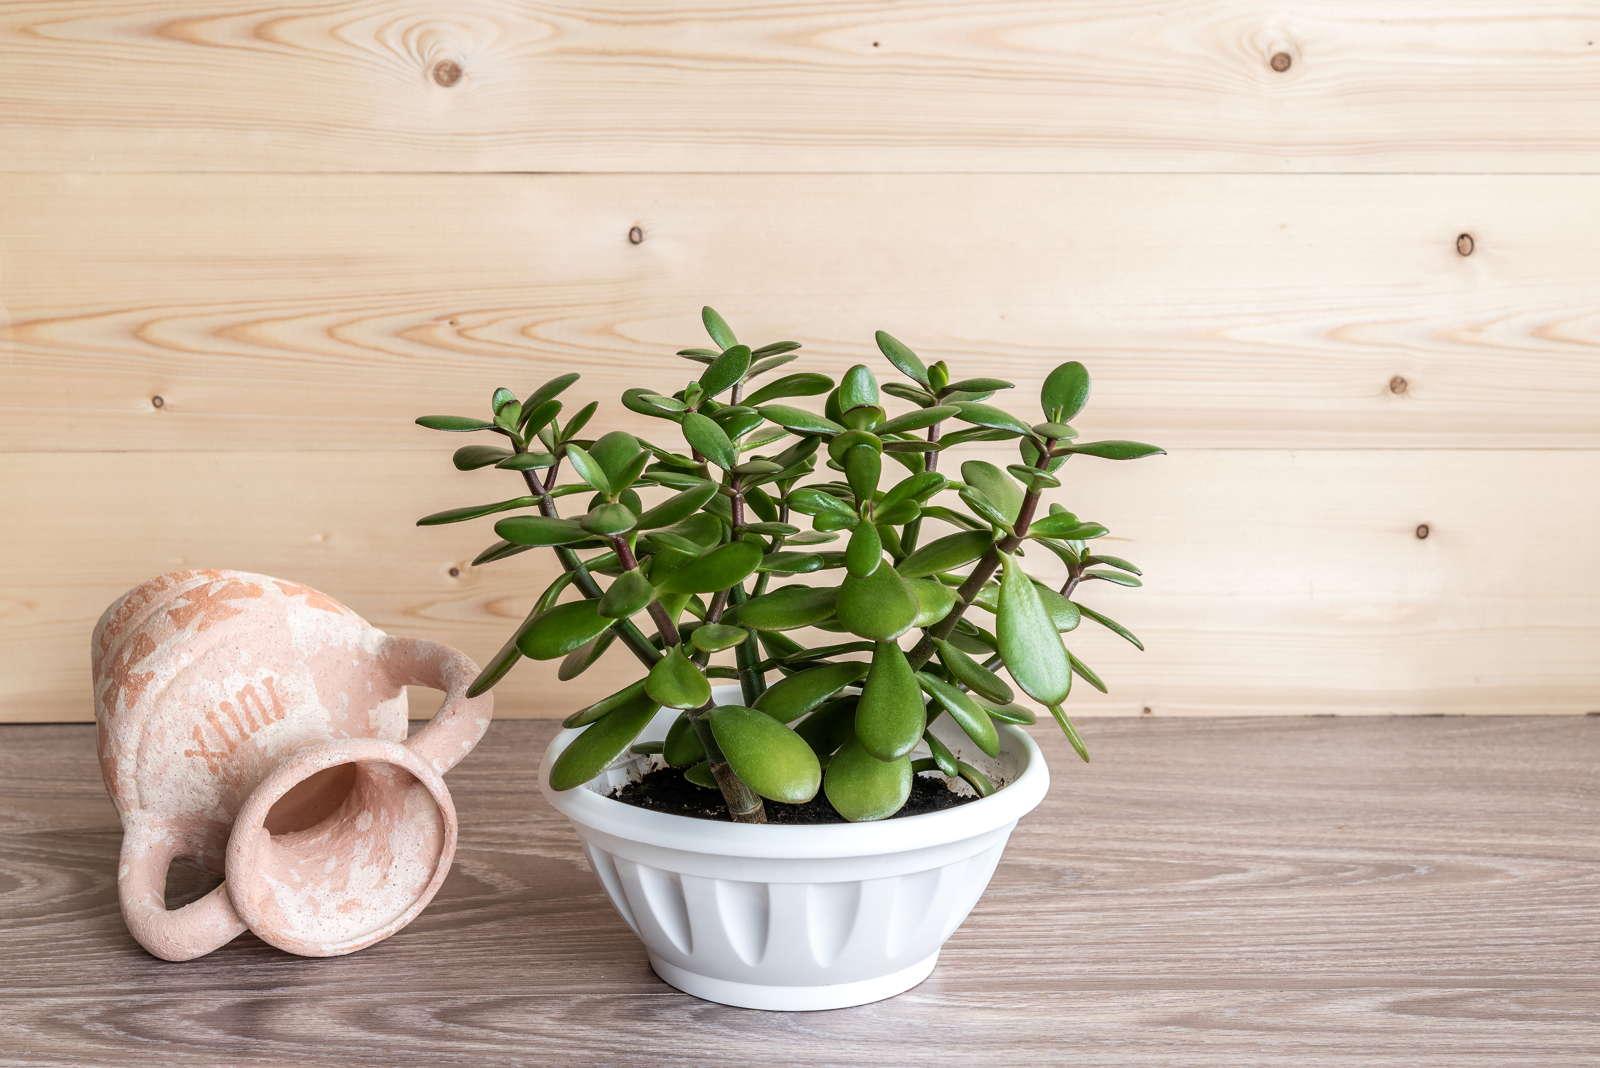 Pflegeleichte Zimmerpflanzen Unsere Top 10 Für Wohnung Haus